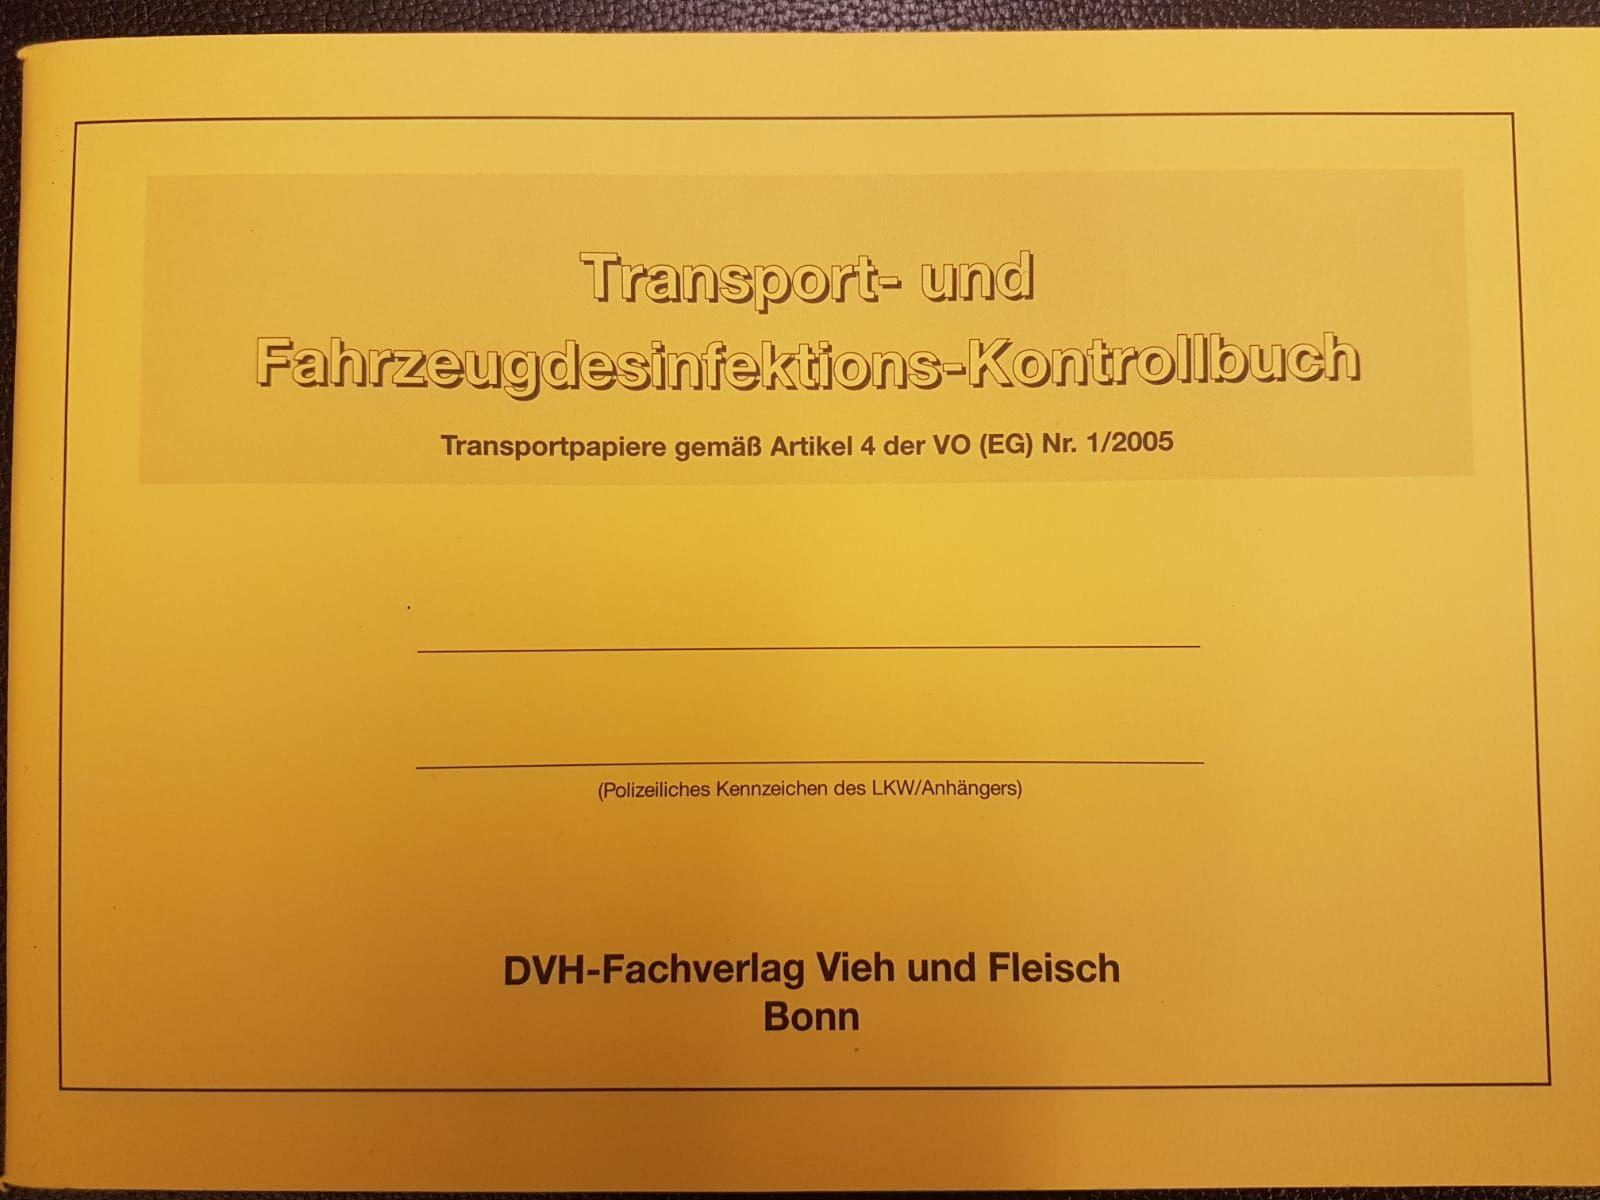 Transport- u. Fahrzeugdesinfektions-Kontrollbuch DIN A 5 KB1